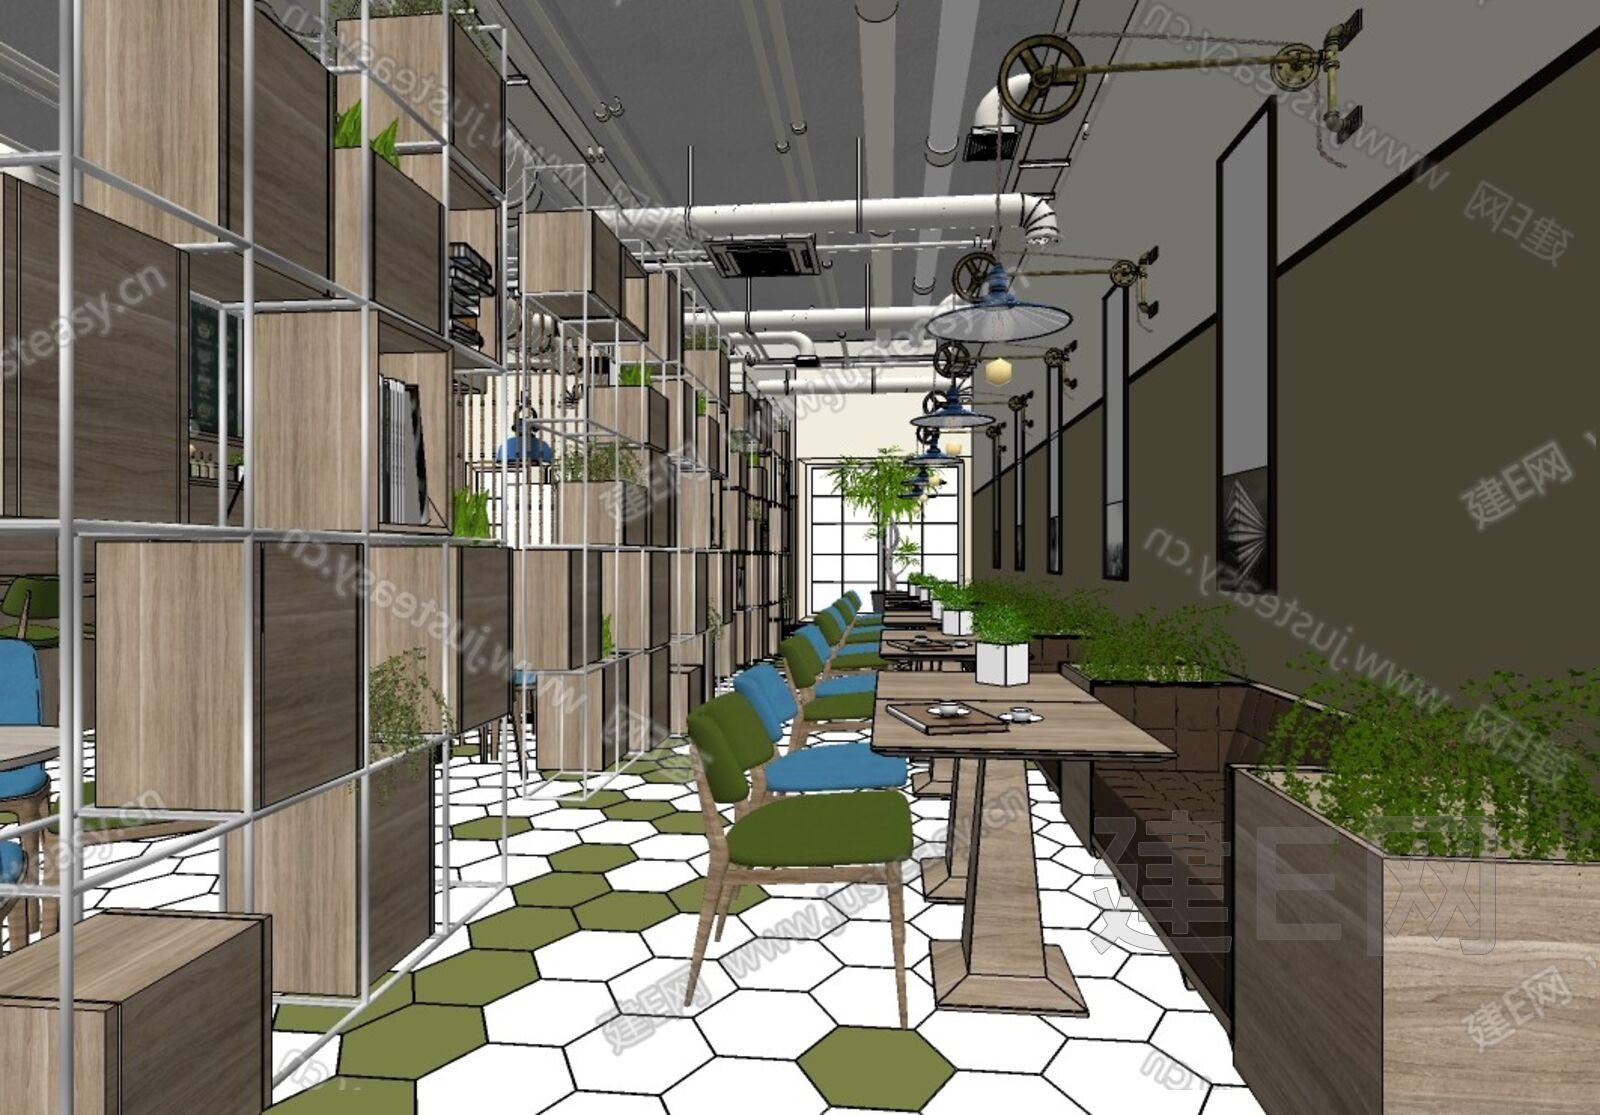 su模型首頁 室內 工裝 工業風咖啡廳西餐廳[模型id:5764]